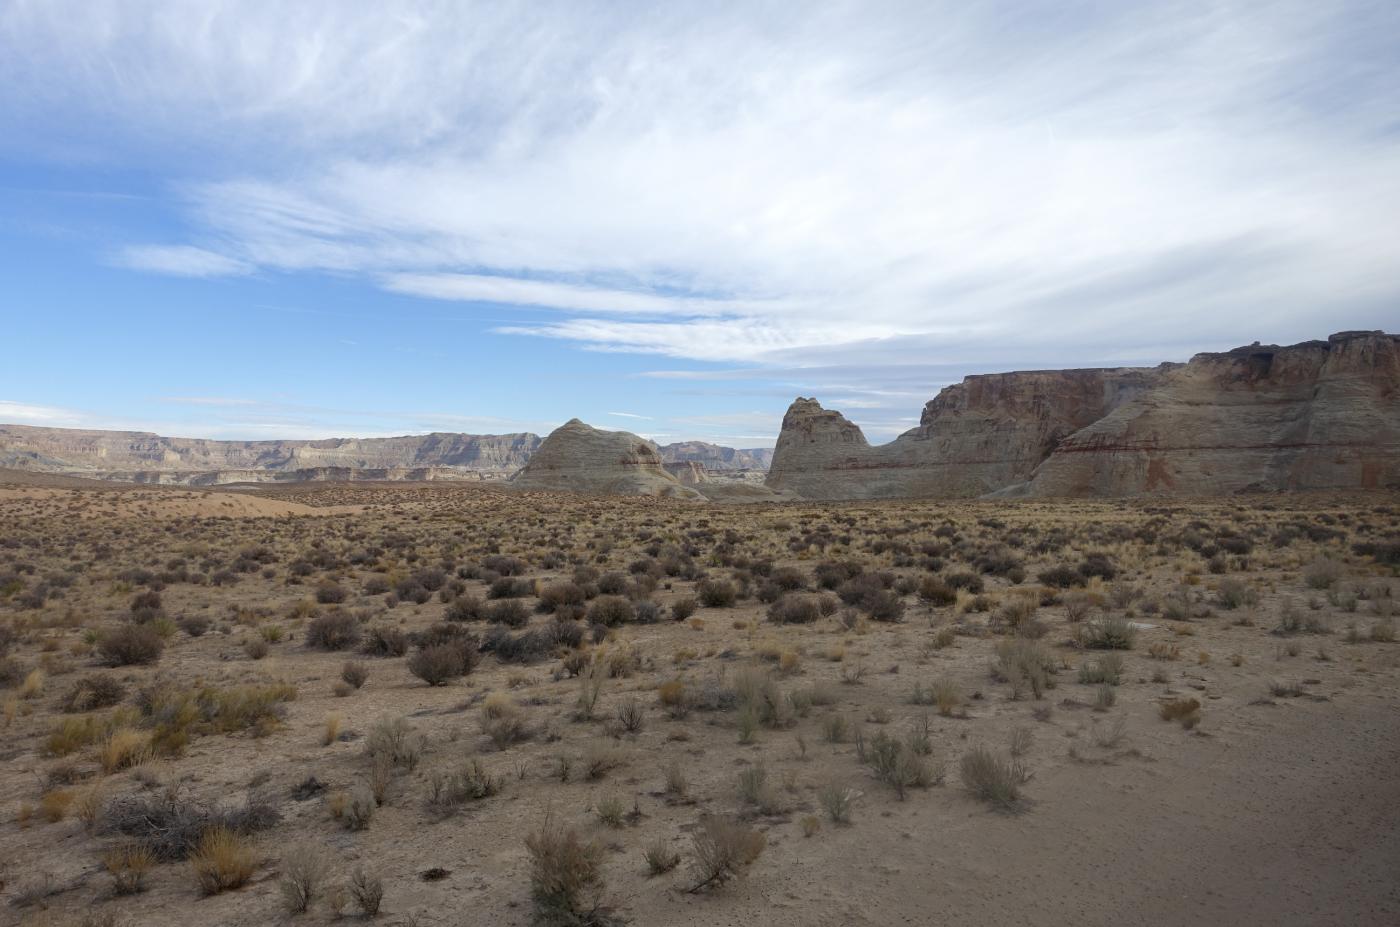 在渺无人烟的大沙漠中如何自得其乐_图1-2